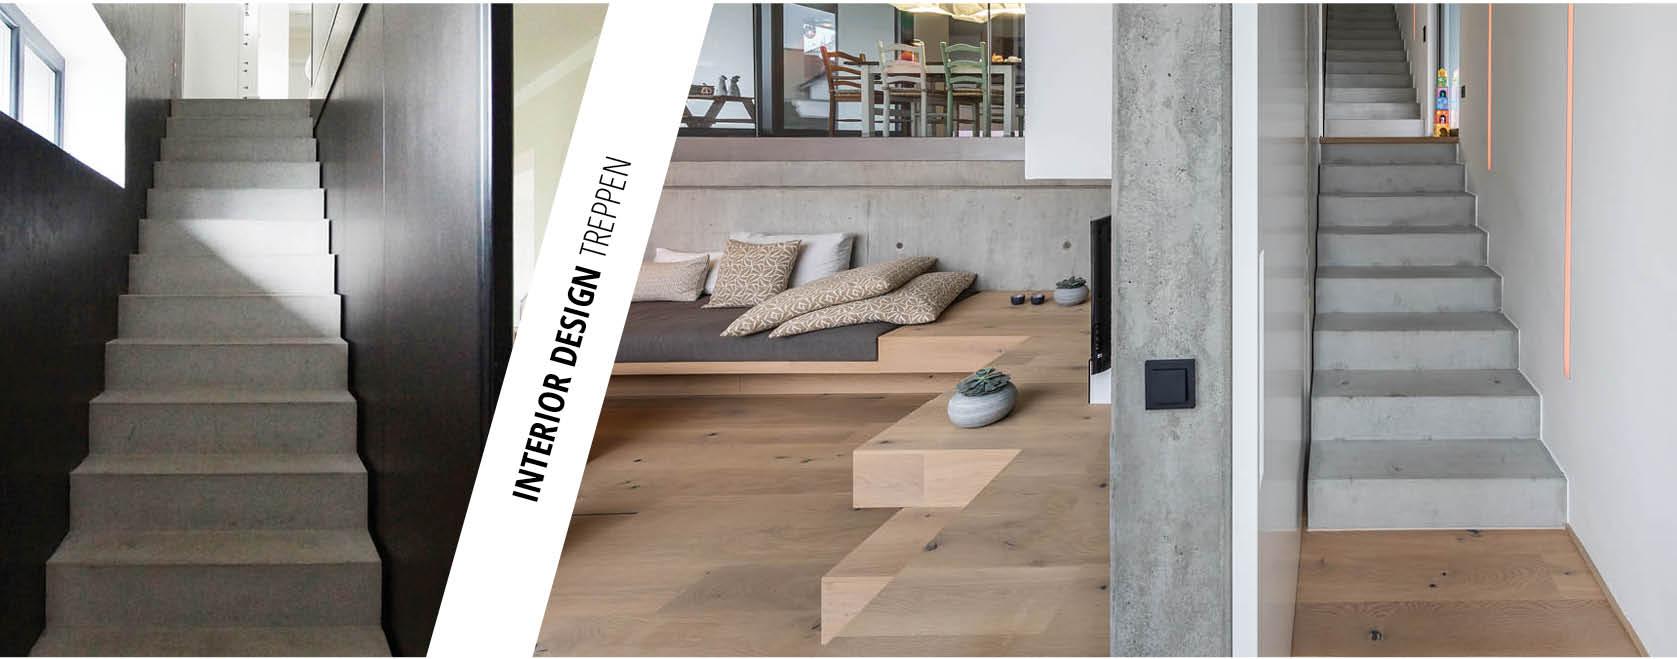 Treppen architektur design  Interior Design Treppen   /rc-studio carnevale & weinreich ...